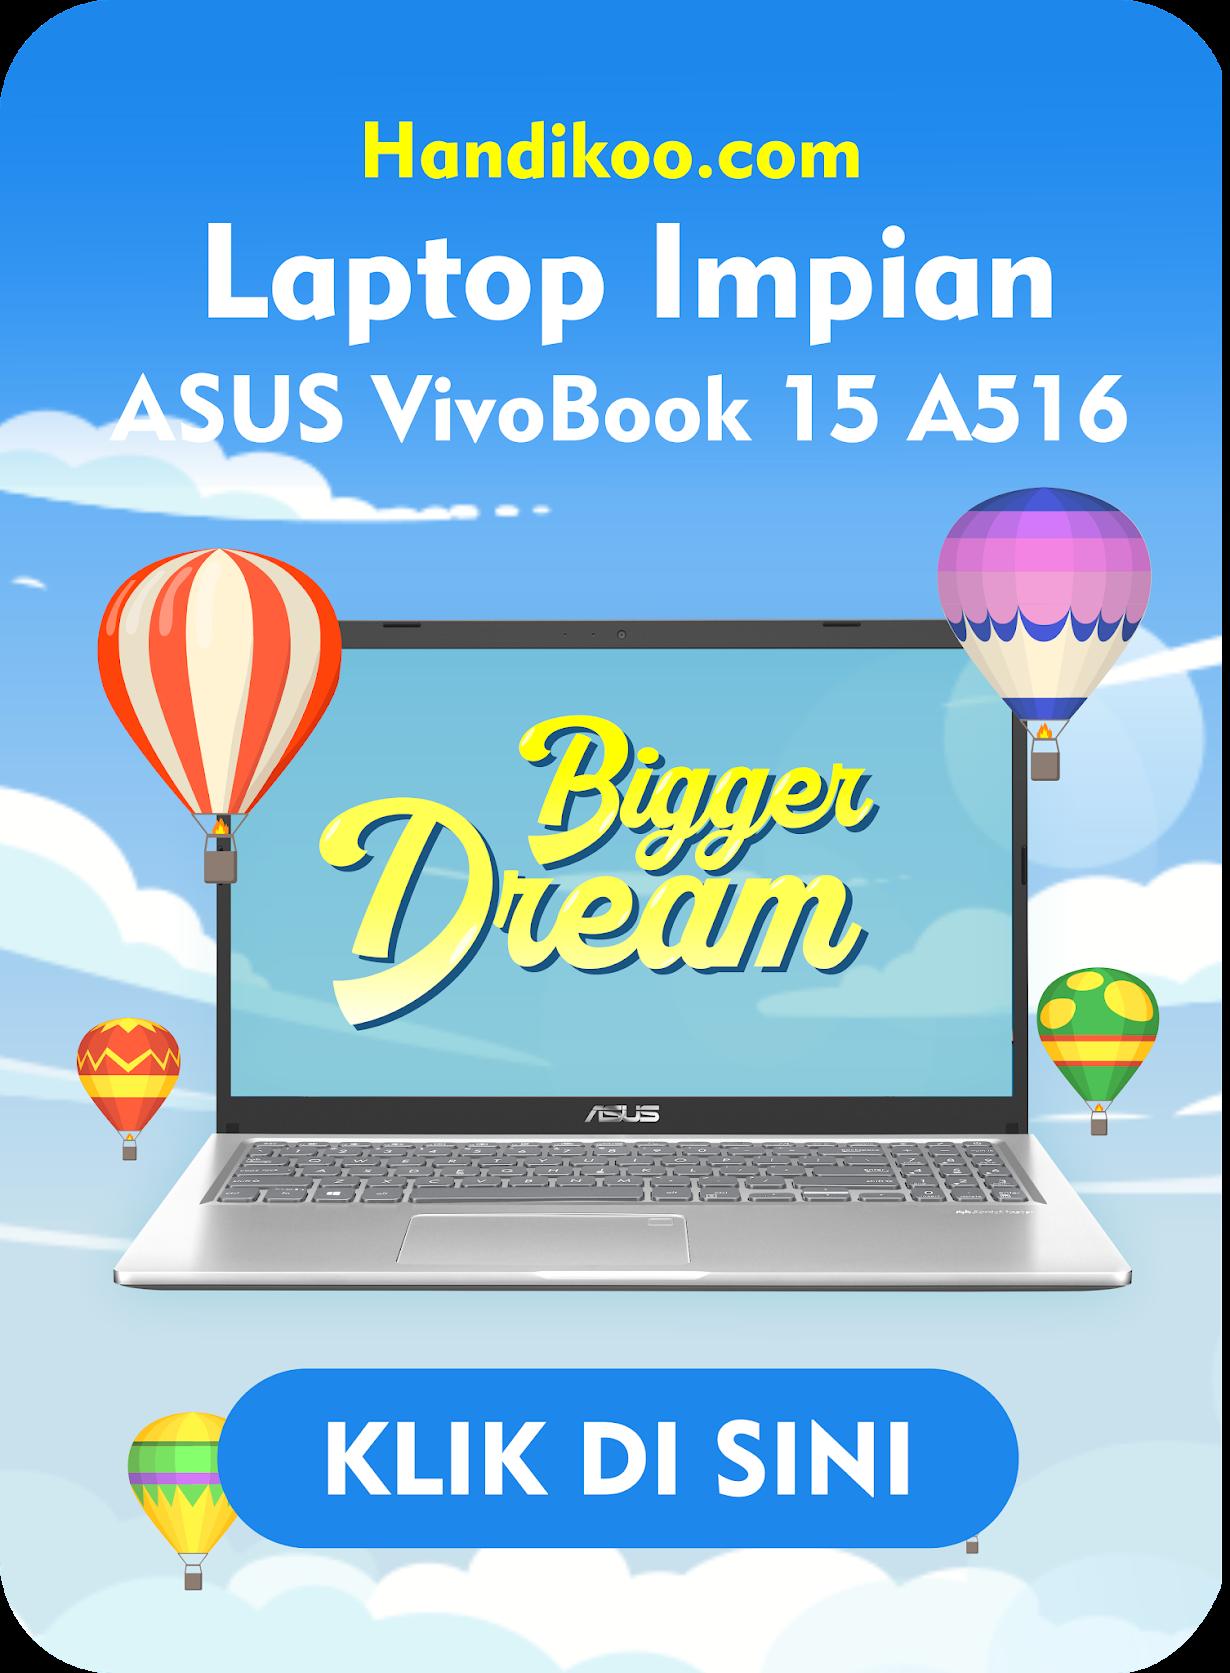 Laptop Impian Diko!